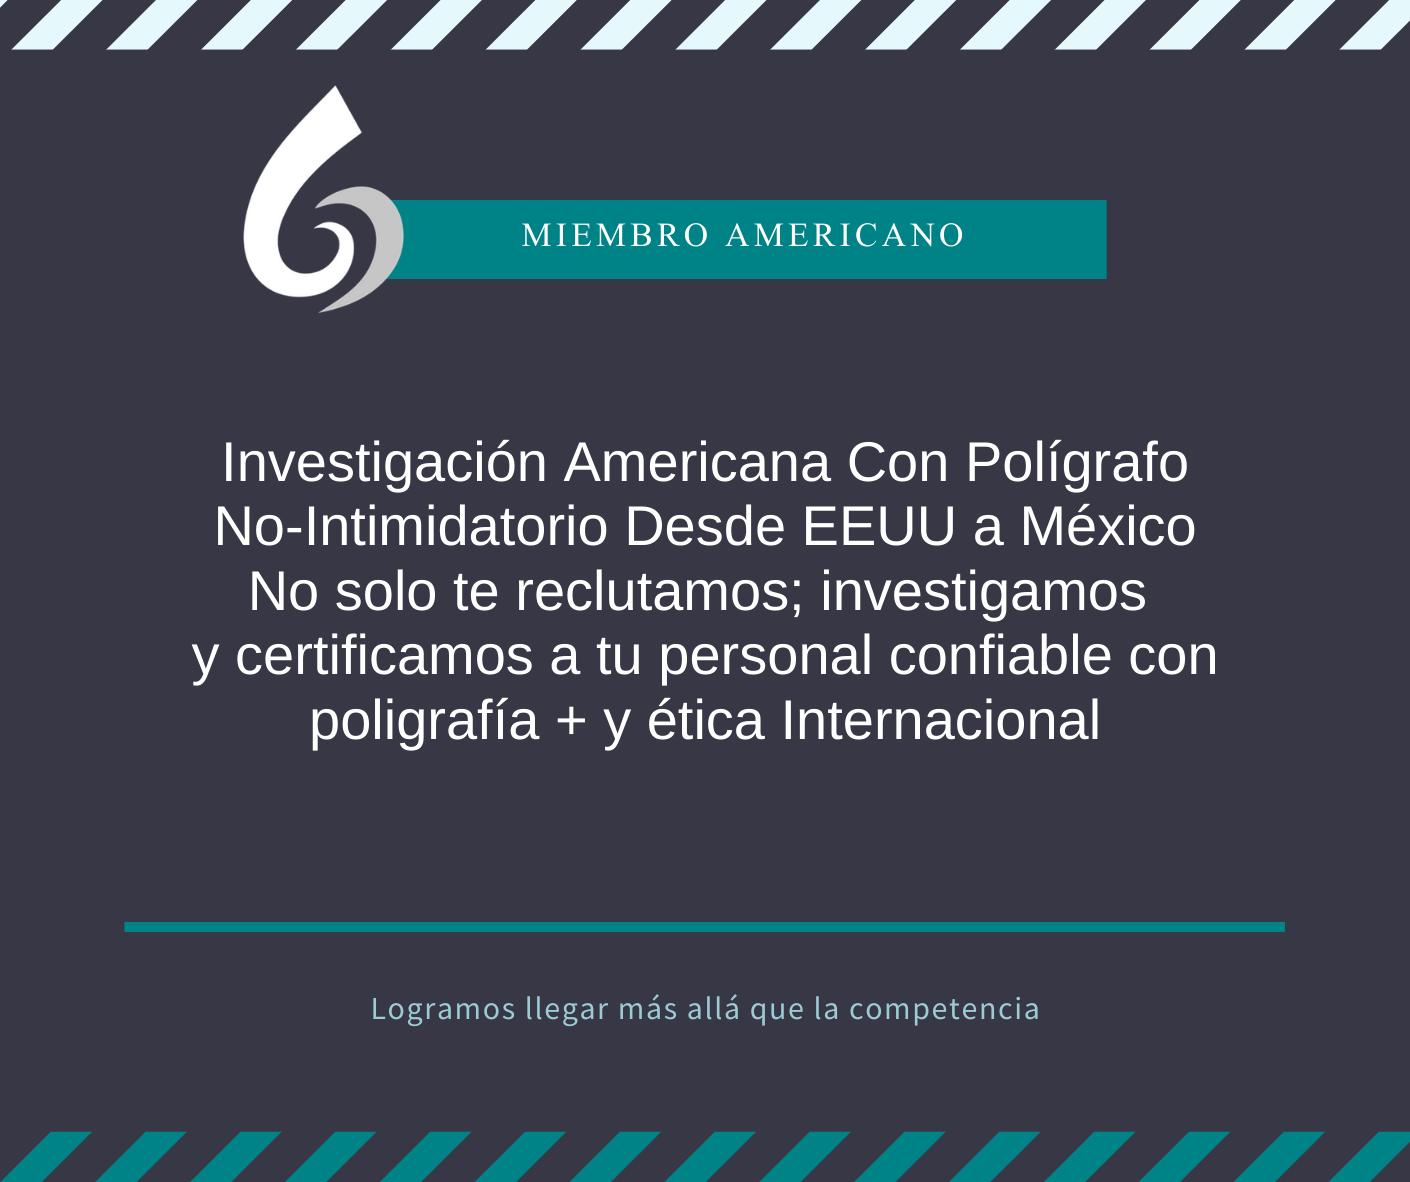 Investigación Americana en México